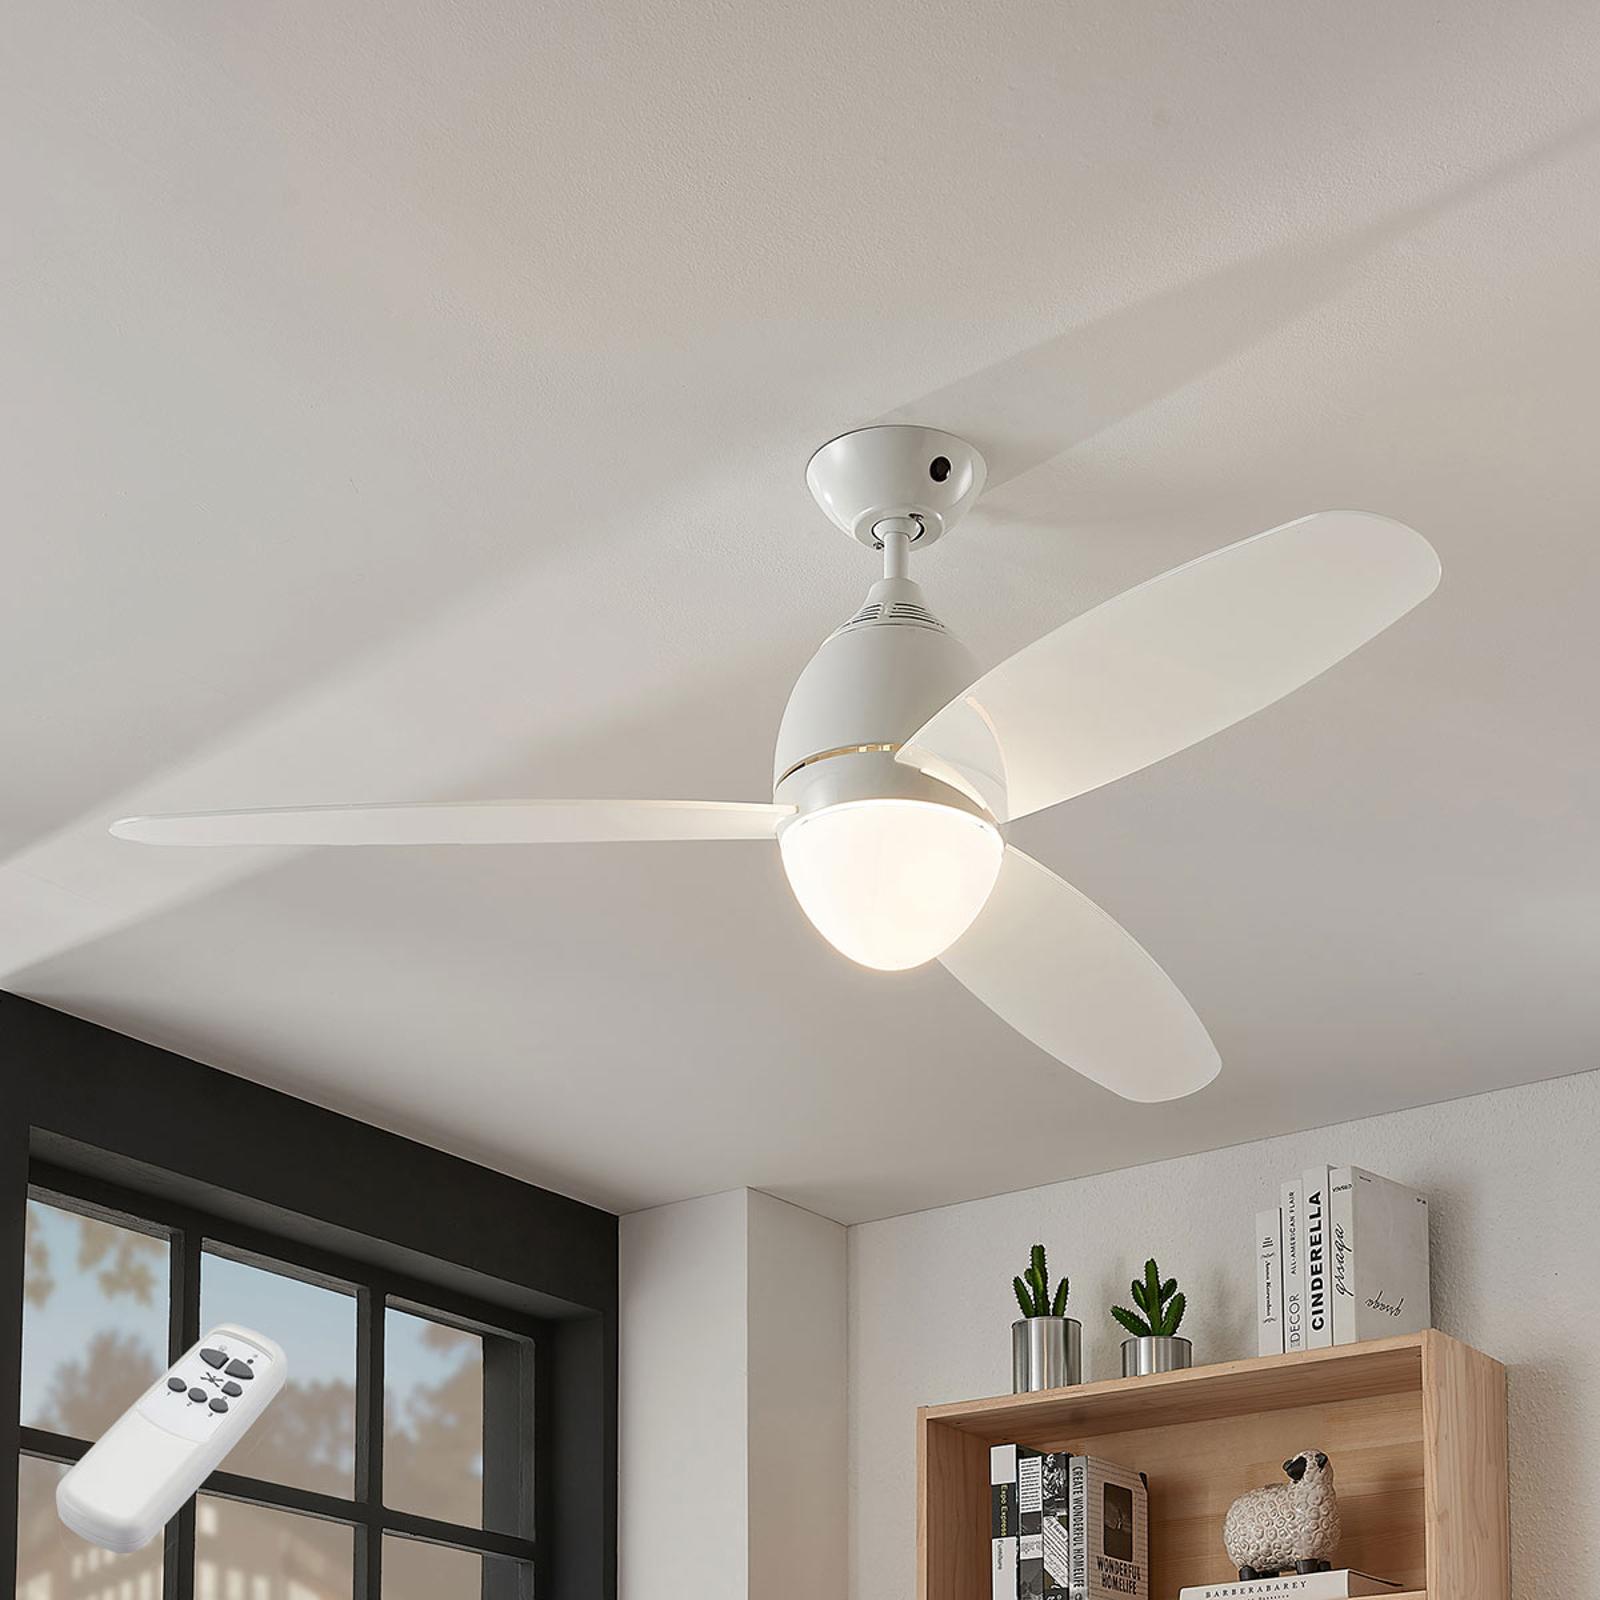 Stropní ventilátor Piara, osvětlený, bílý lesk